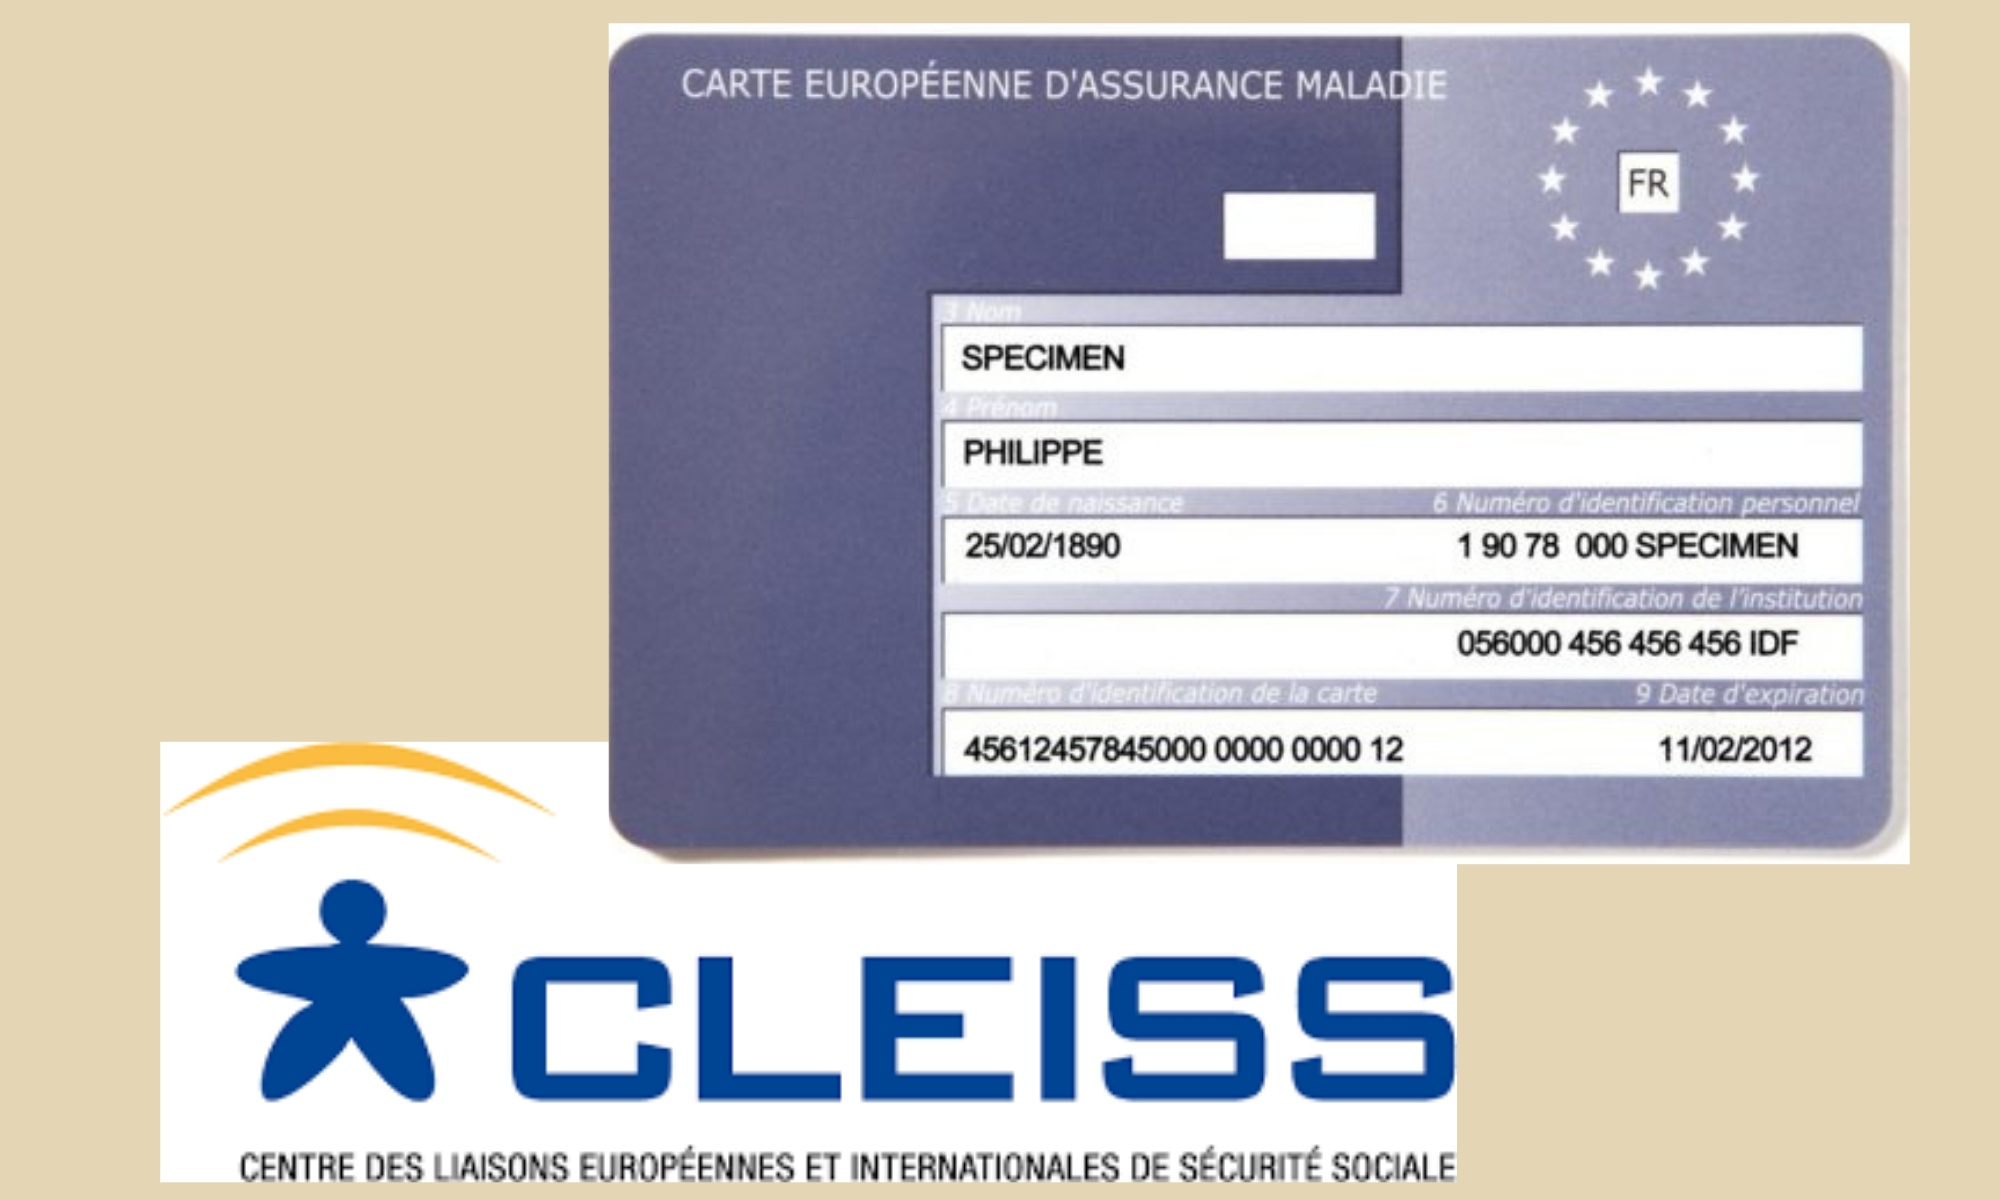 commander une carte européenne d assurance maladie Commander en ligne la Carte Européenne d'Assurance Maladie (CEAM